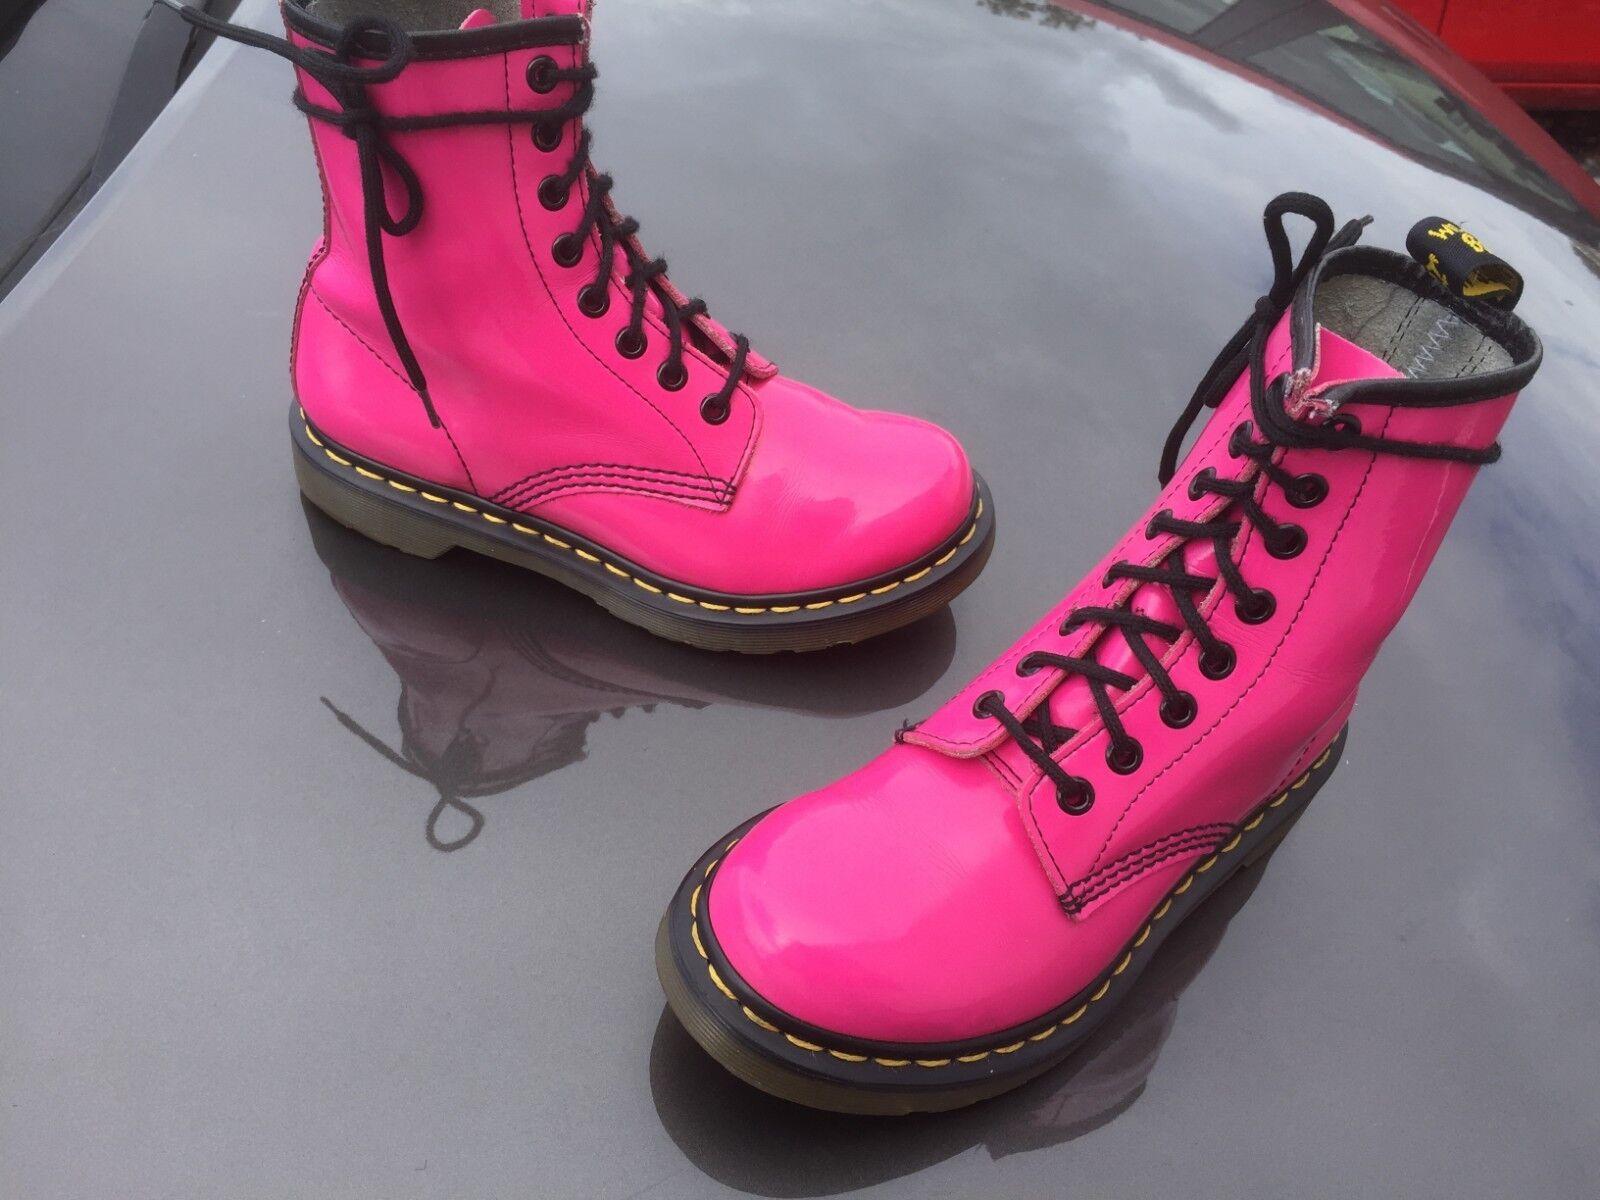 Dr Martens 1460 UK hot pink patent Leder Stiefel UK 1460 3 EU 36 4f26c4